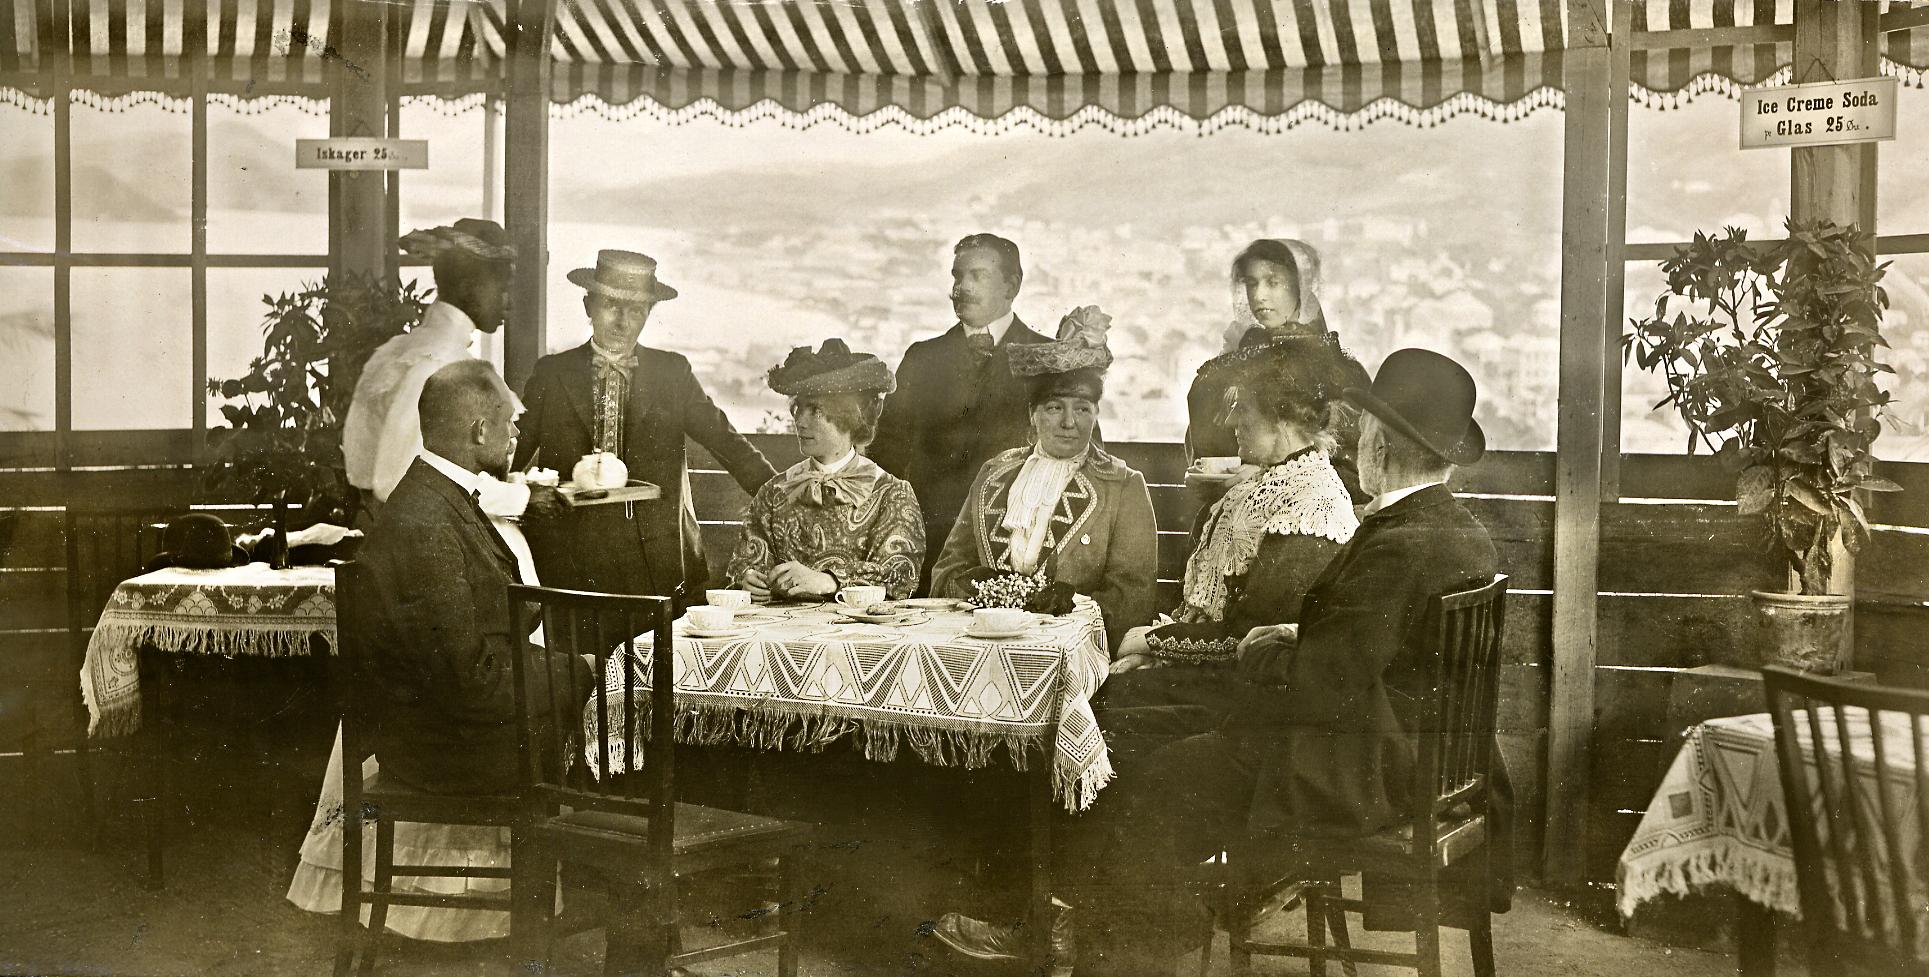 henriette_jensen_i_pavillonen_i_koloniudstillingen_1905.jpg